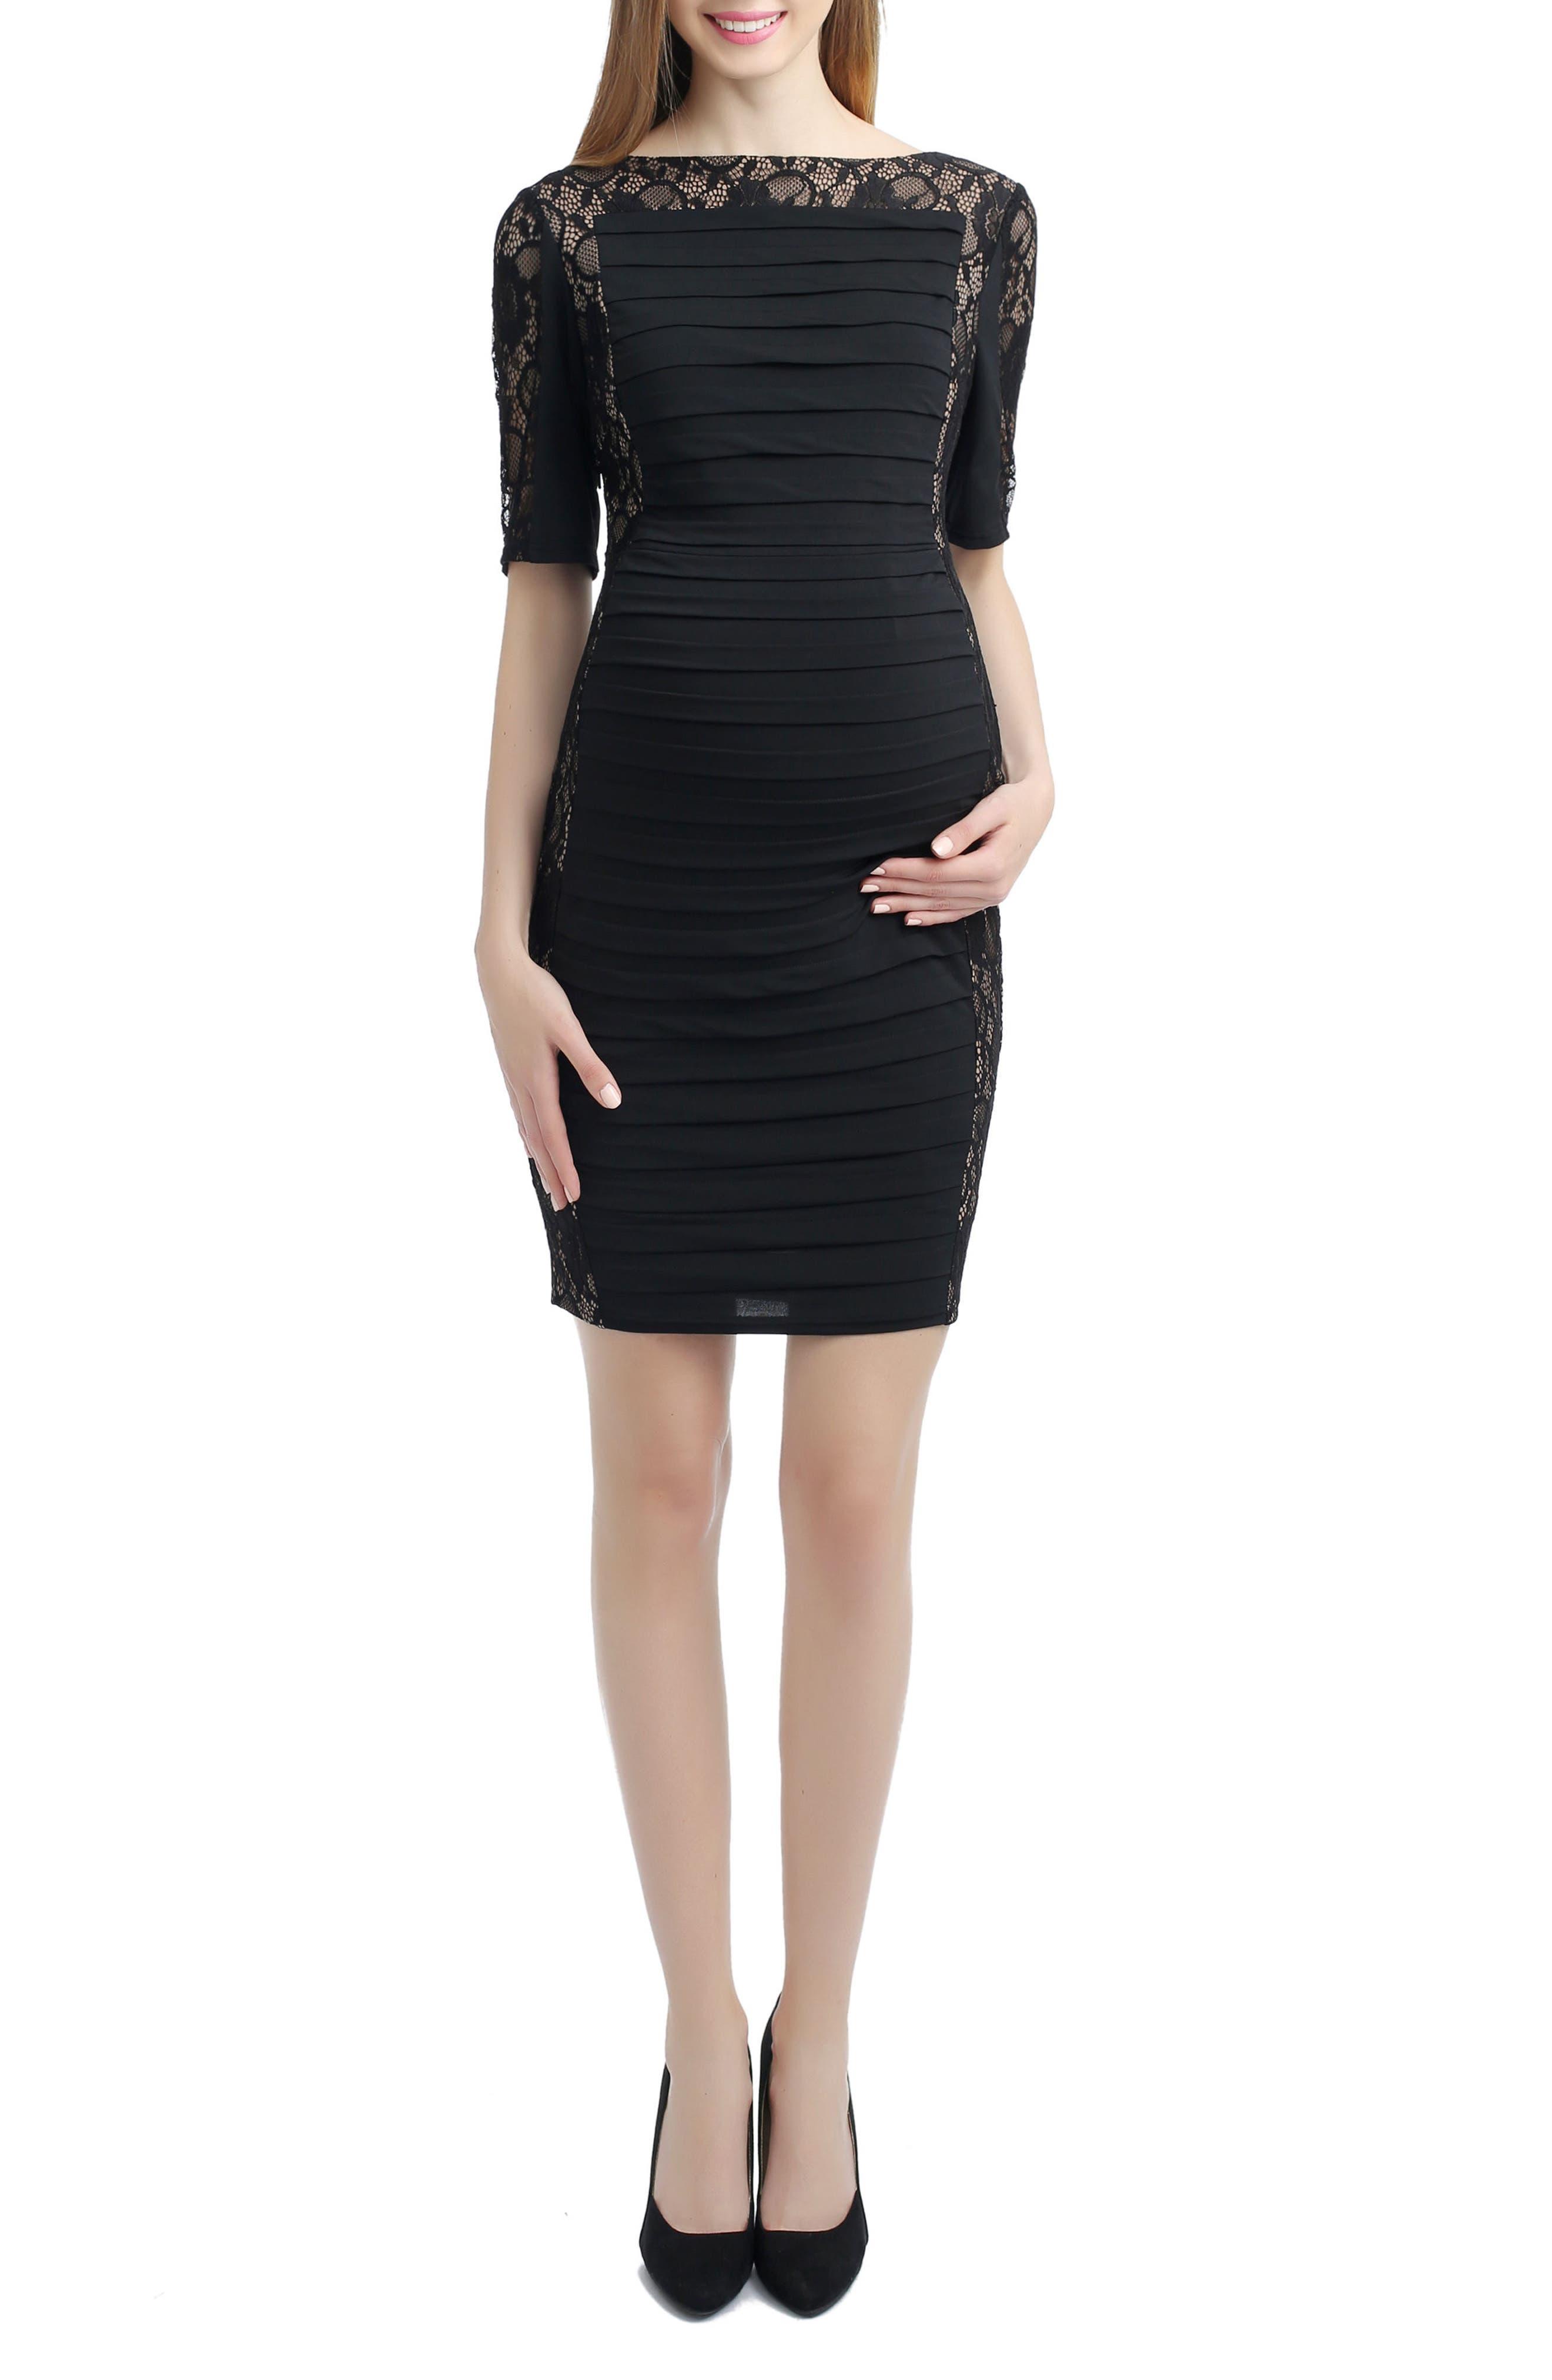 Estelle Lace Maternity Dress,                             Alternate thumbnail 2, color,